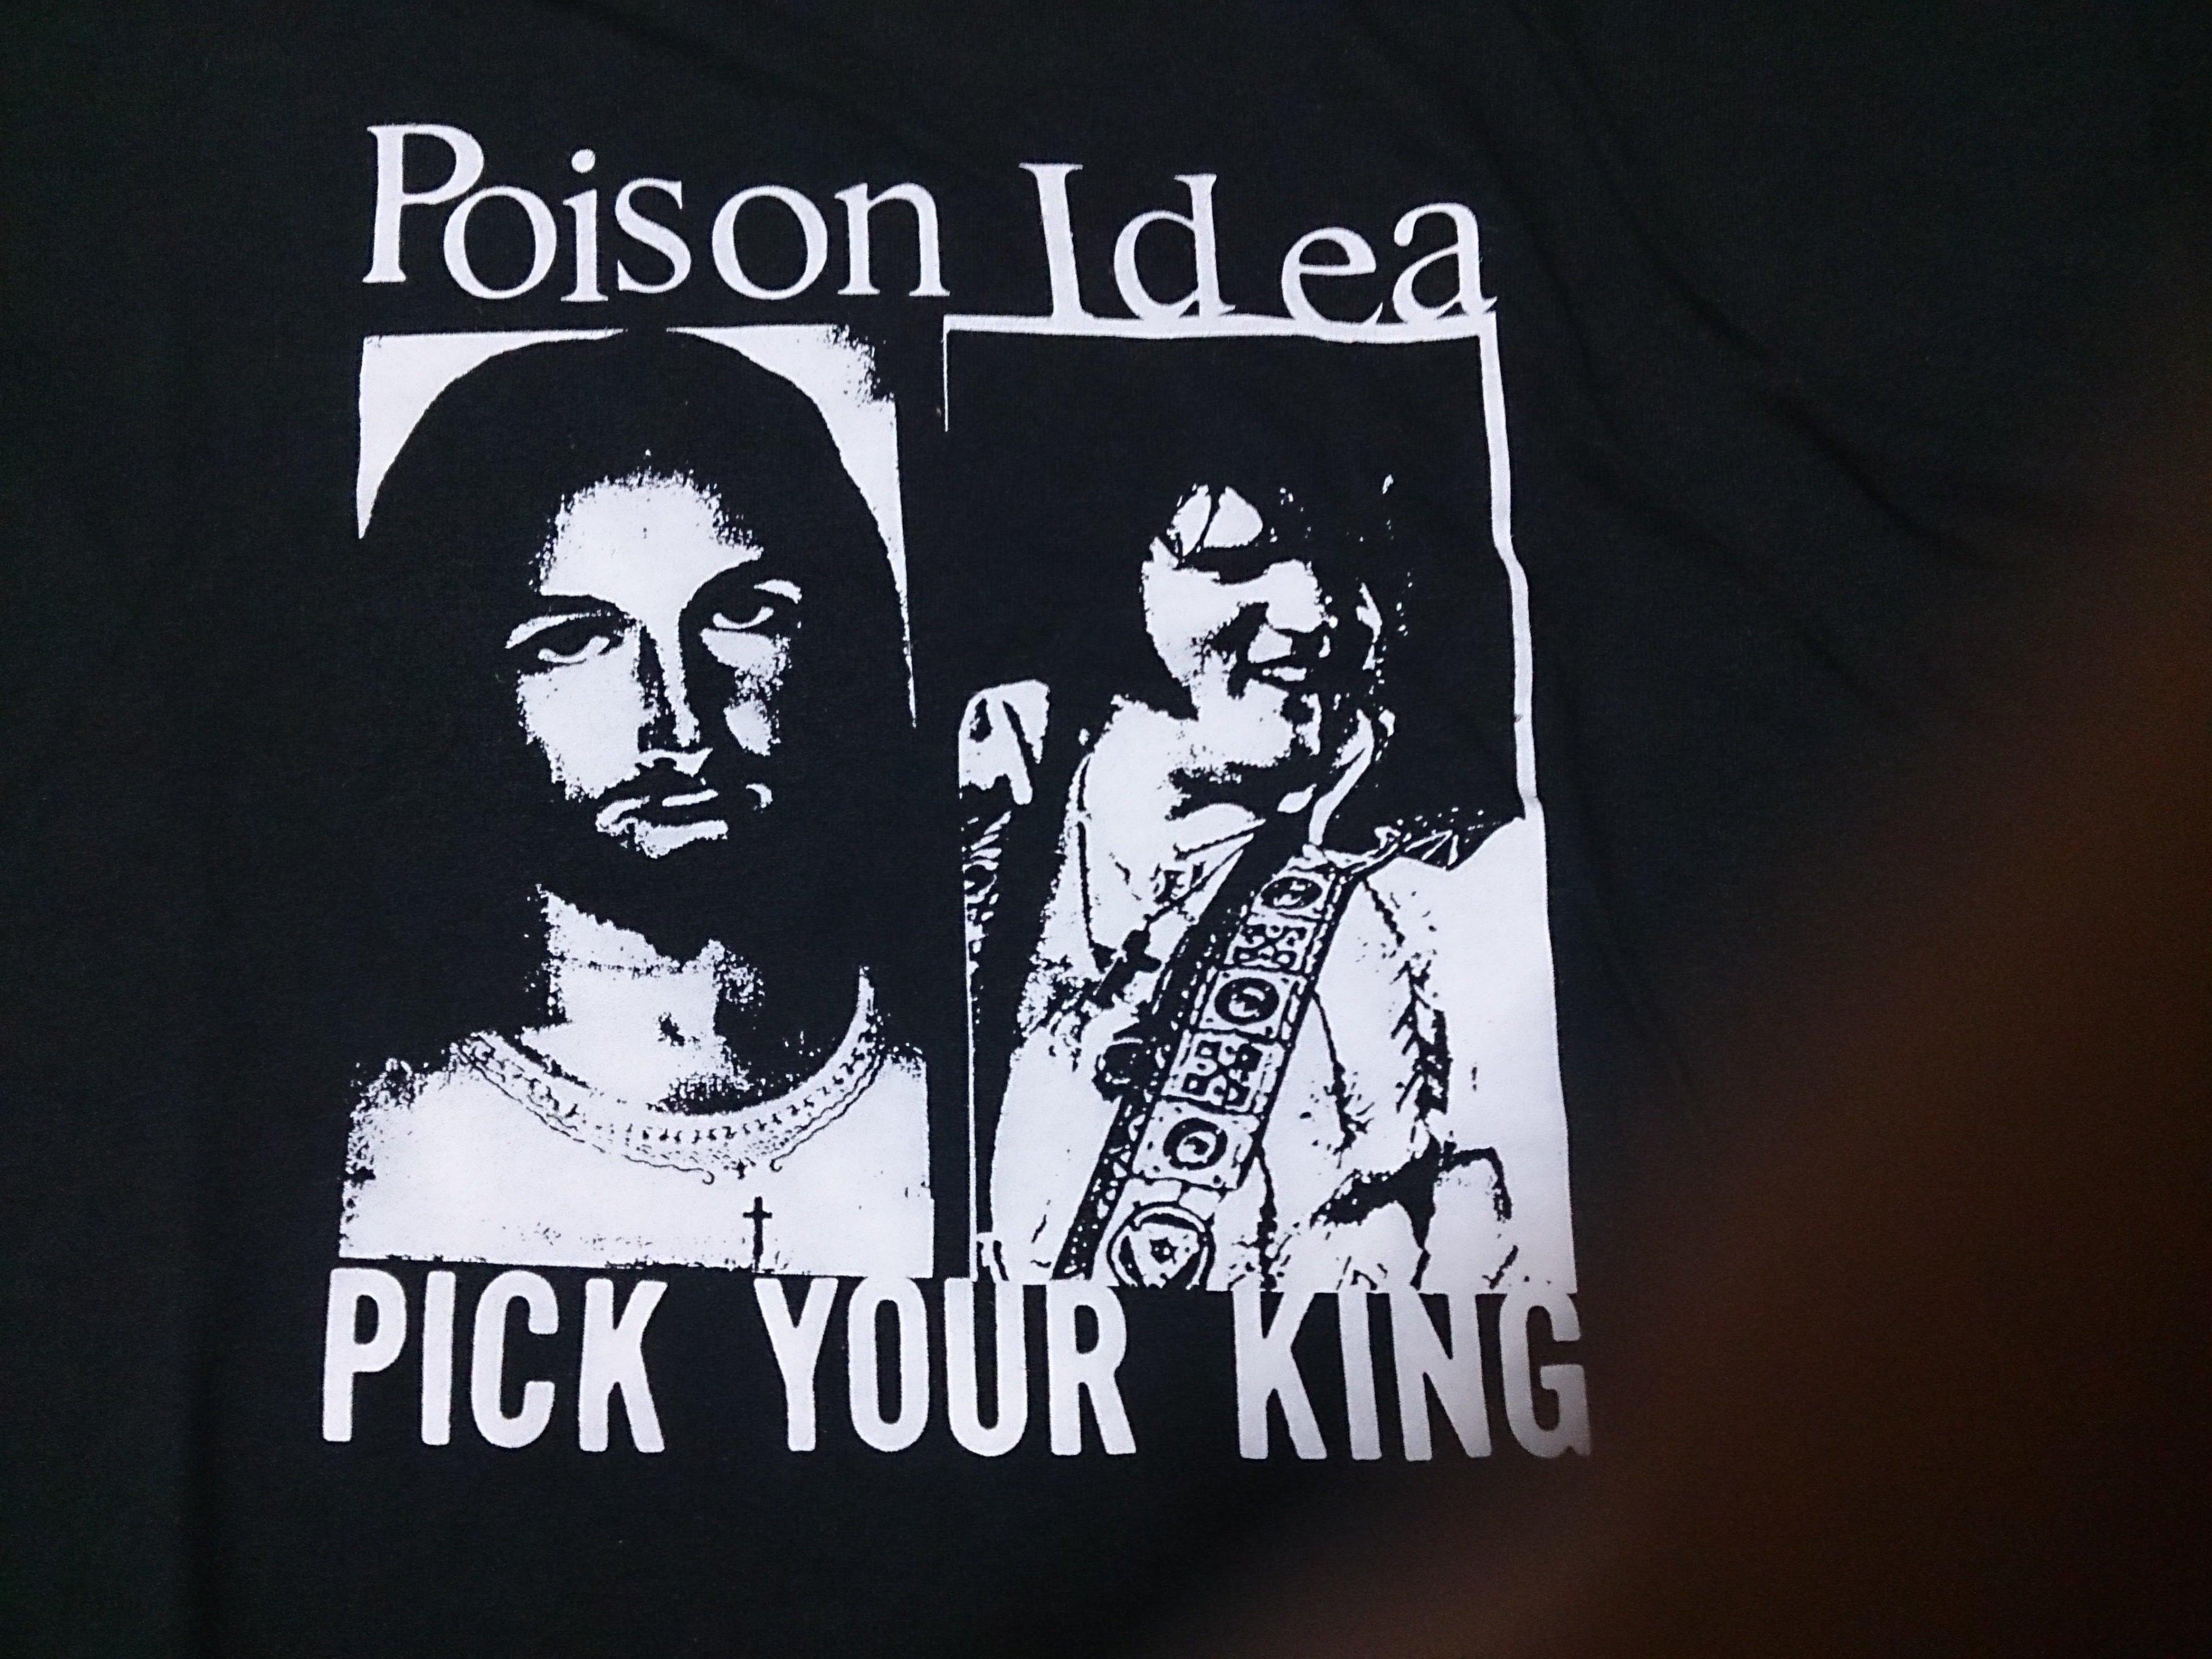 10 Elegant Poison Idea Pick Your King poison idea e696b0e59381te382b7e383a3e38384 pick your king e38396e383a9e38383e382af 0069 final 2020